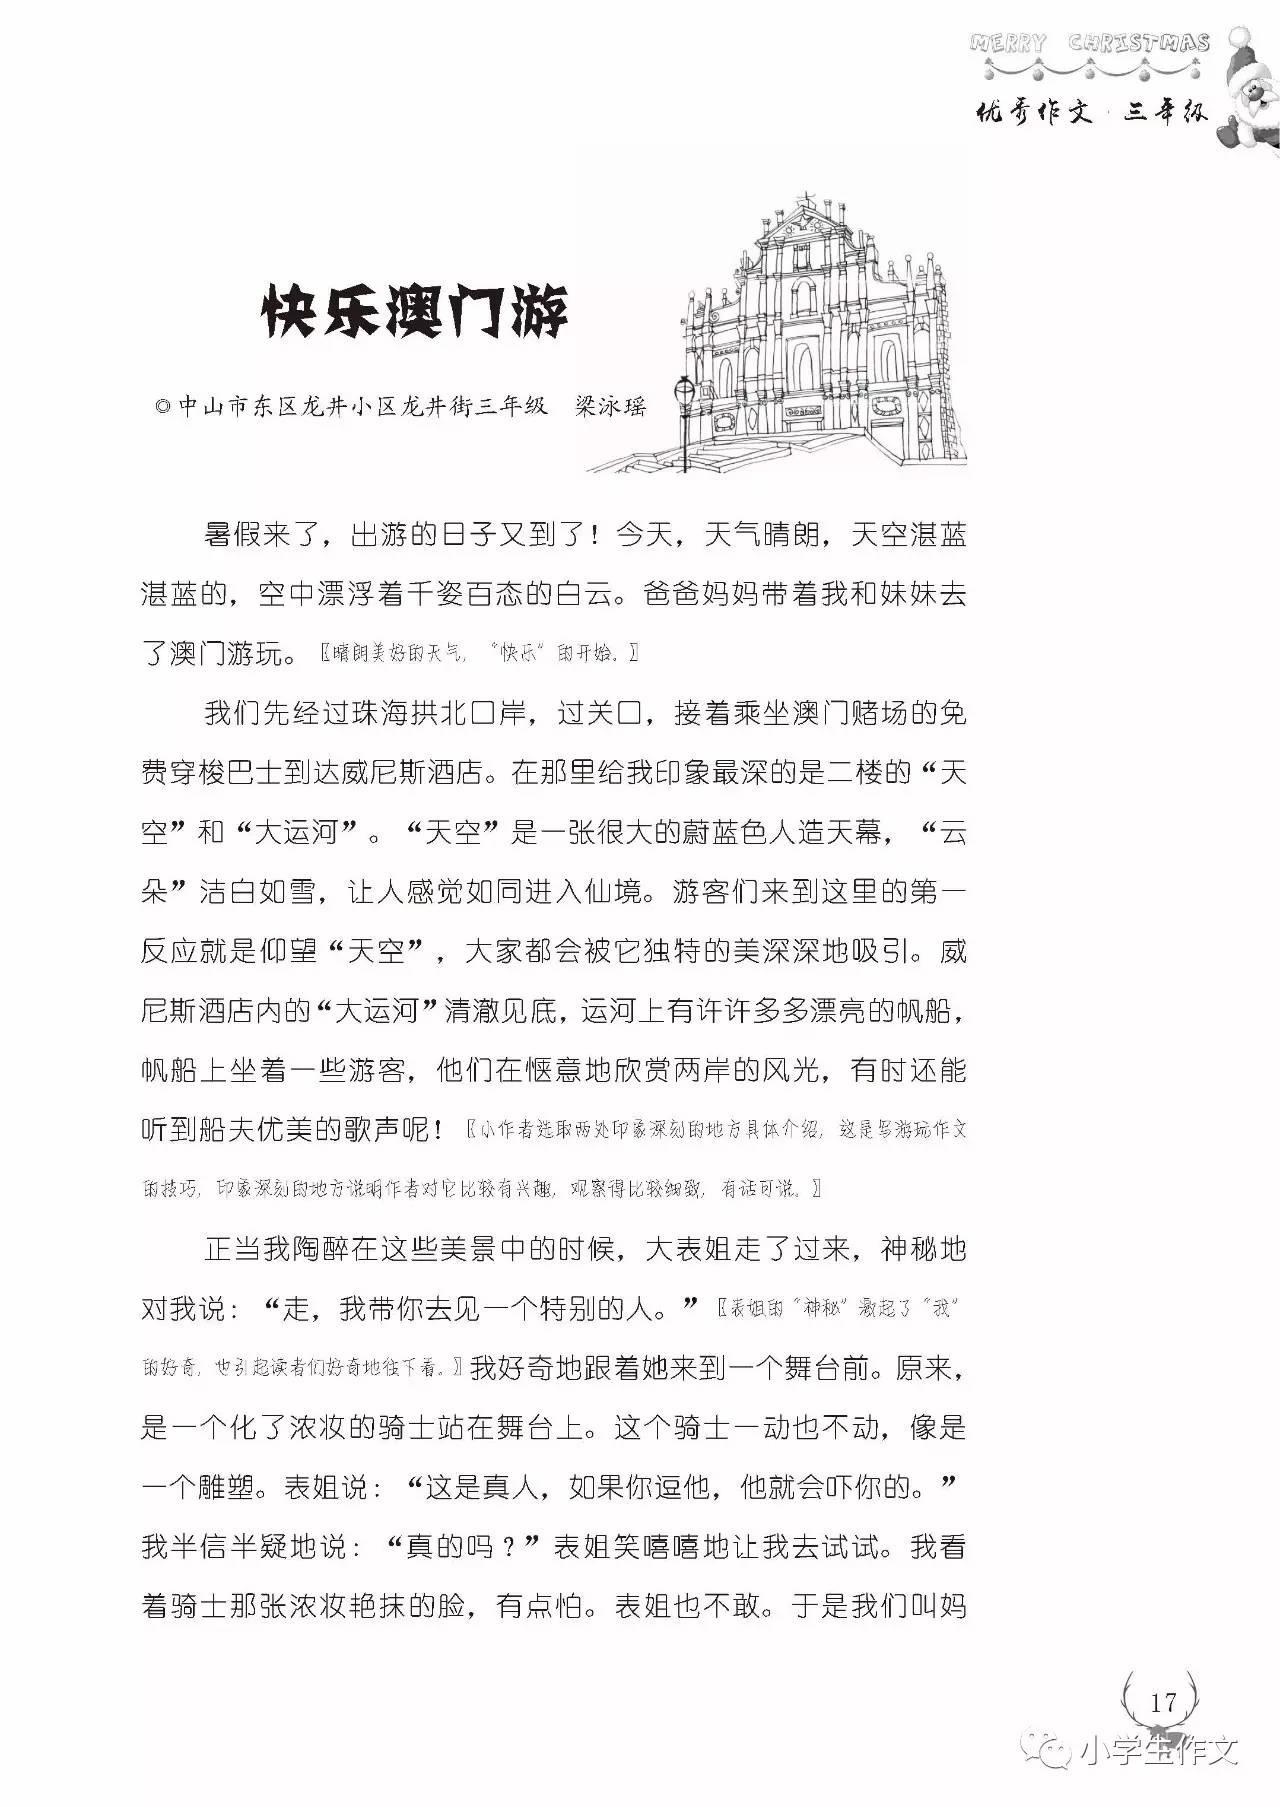 【免费领】新年杂志:小学作文小学创刊号+新年益阳礼物v杂志2017图片